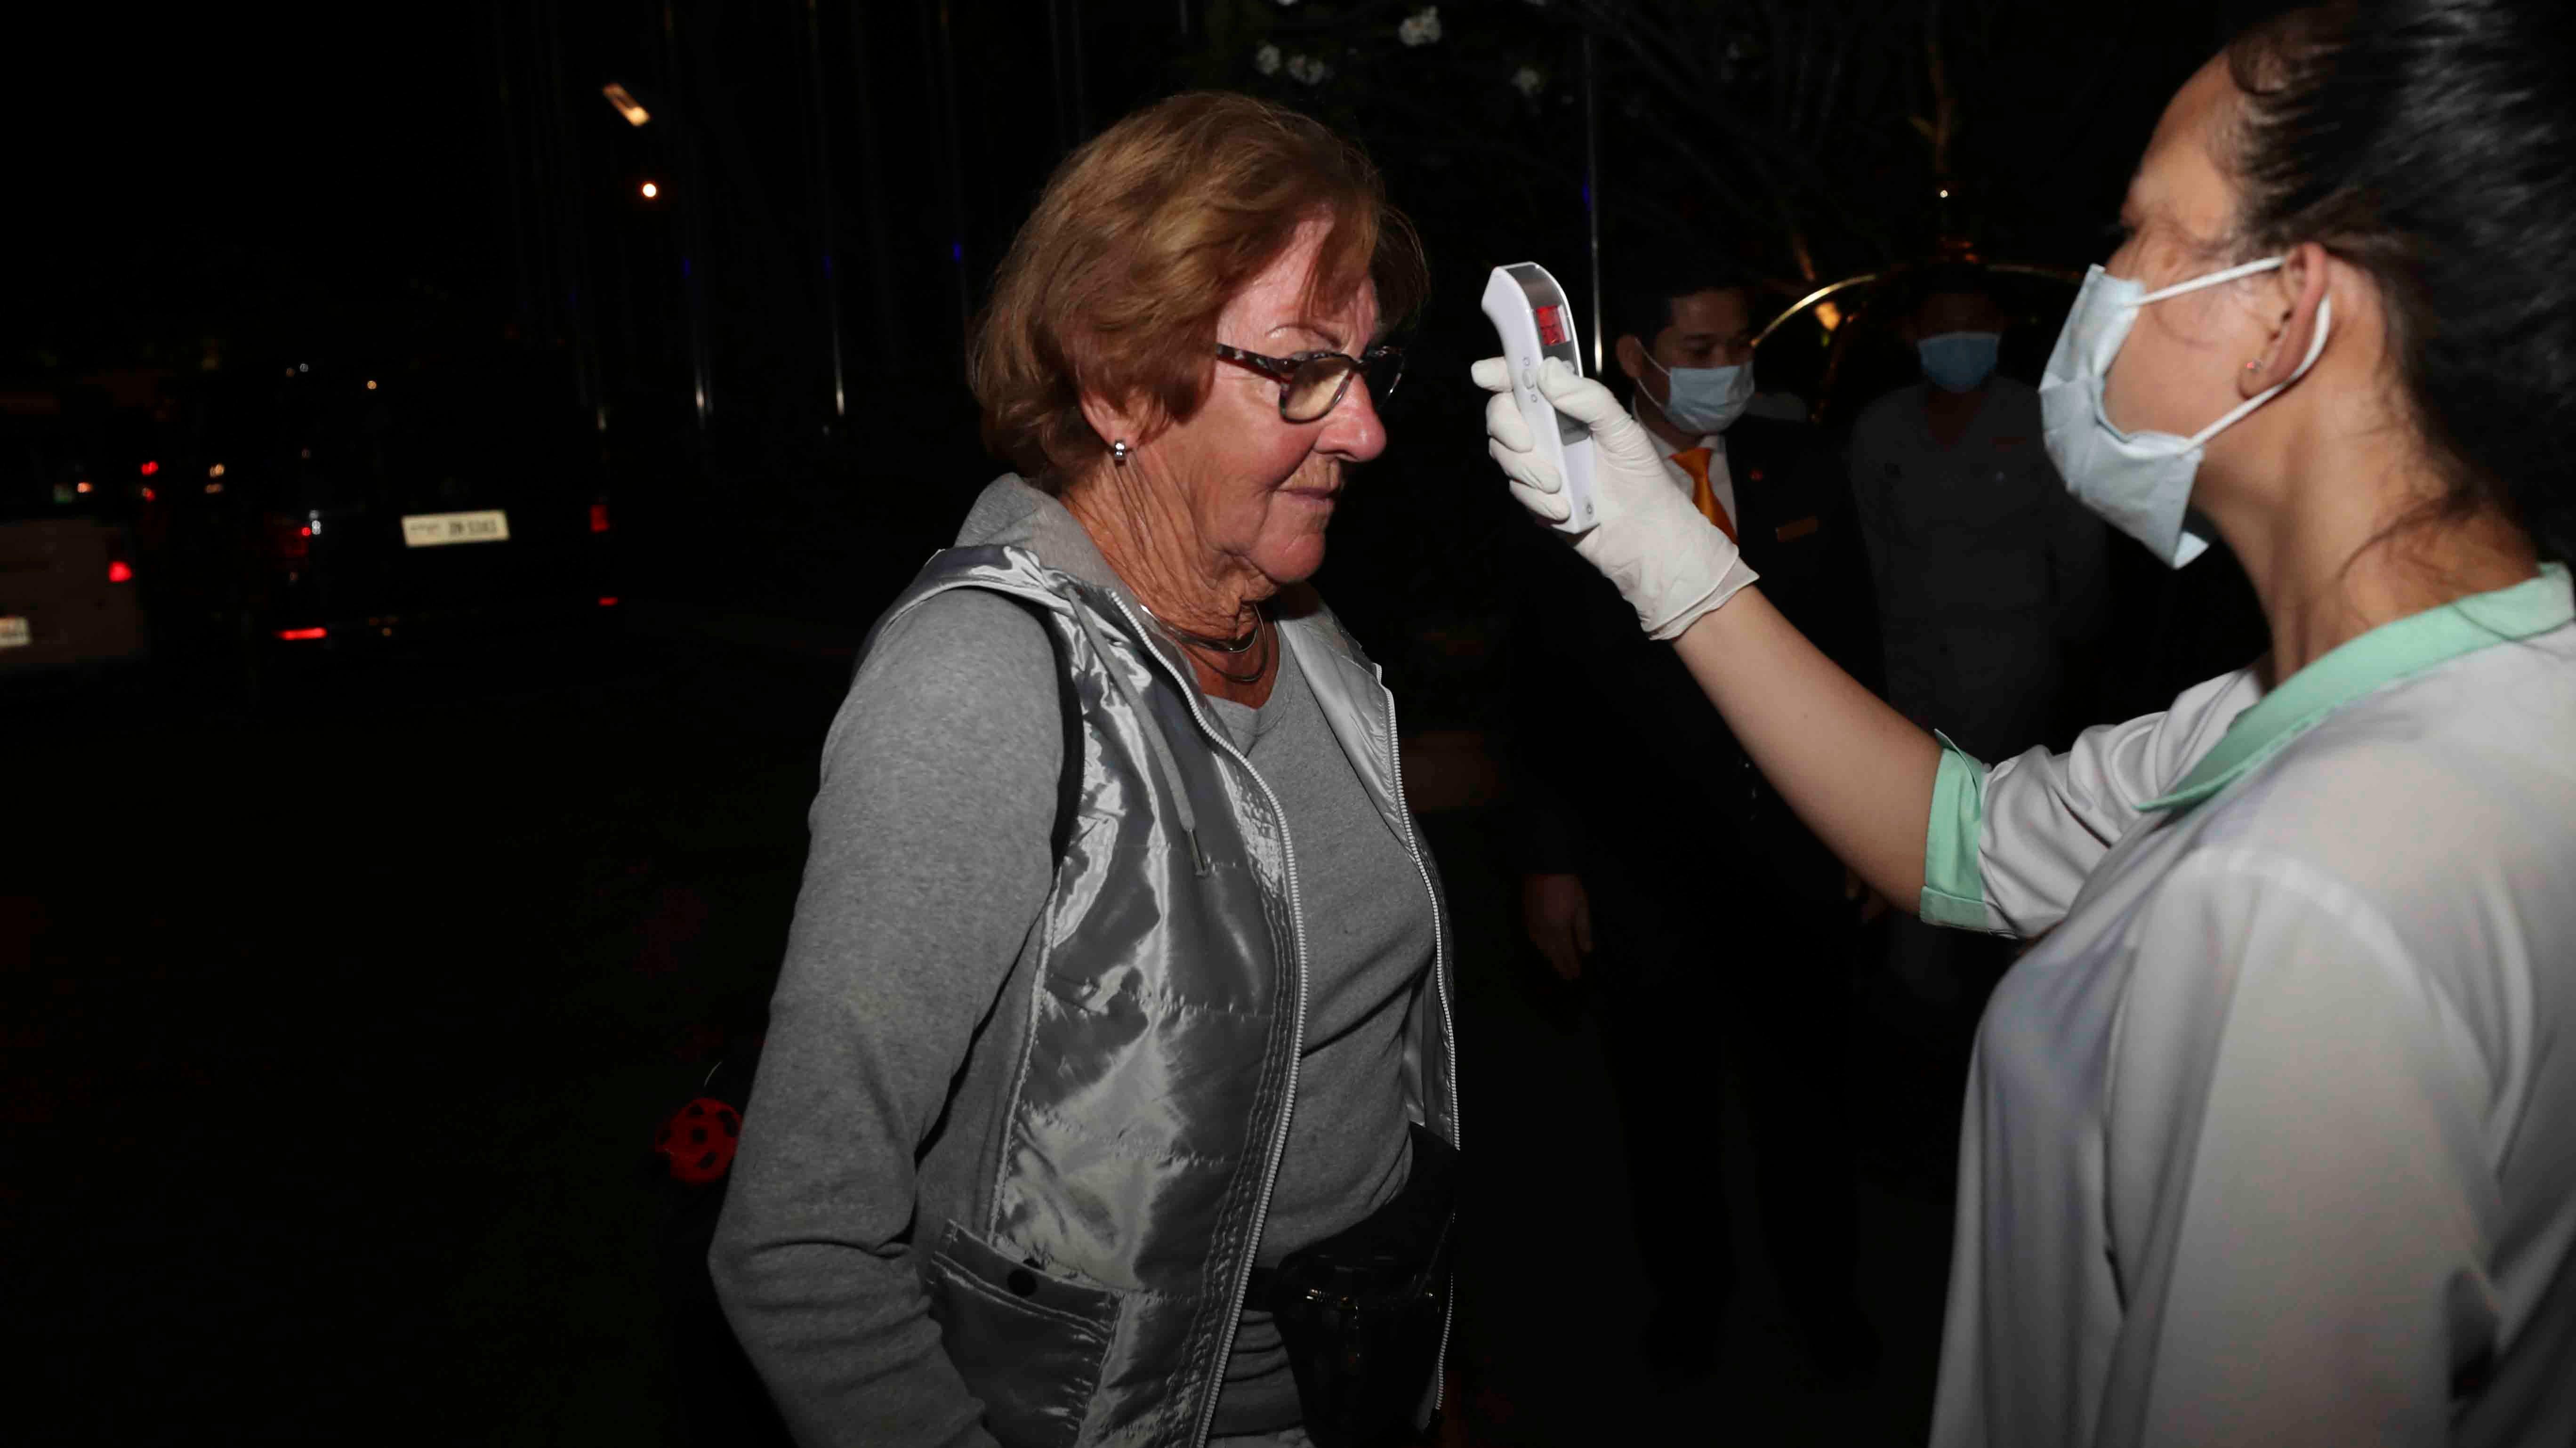 Coronavirus Death Toll Tops 2,000 Worldwide